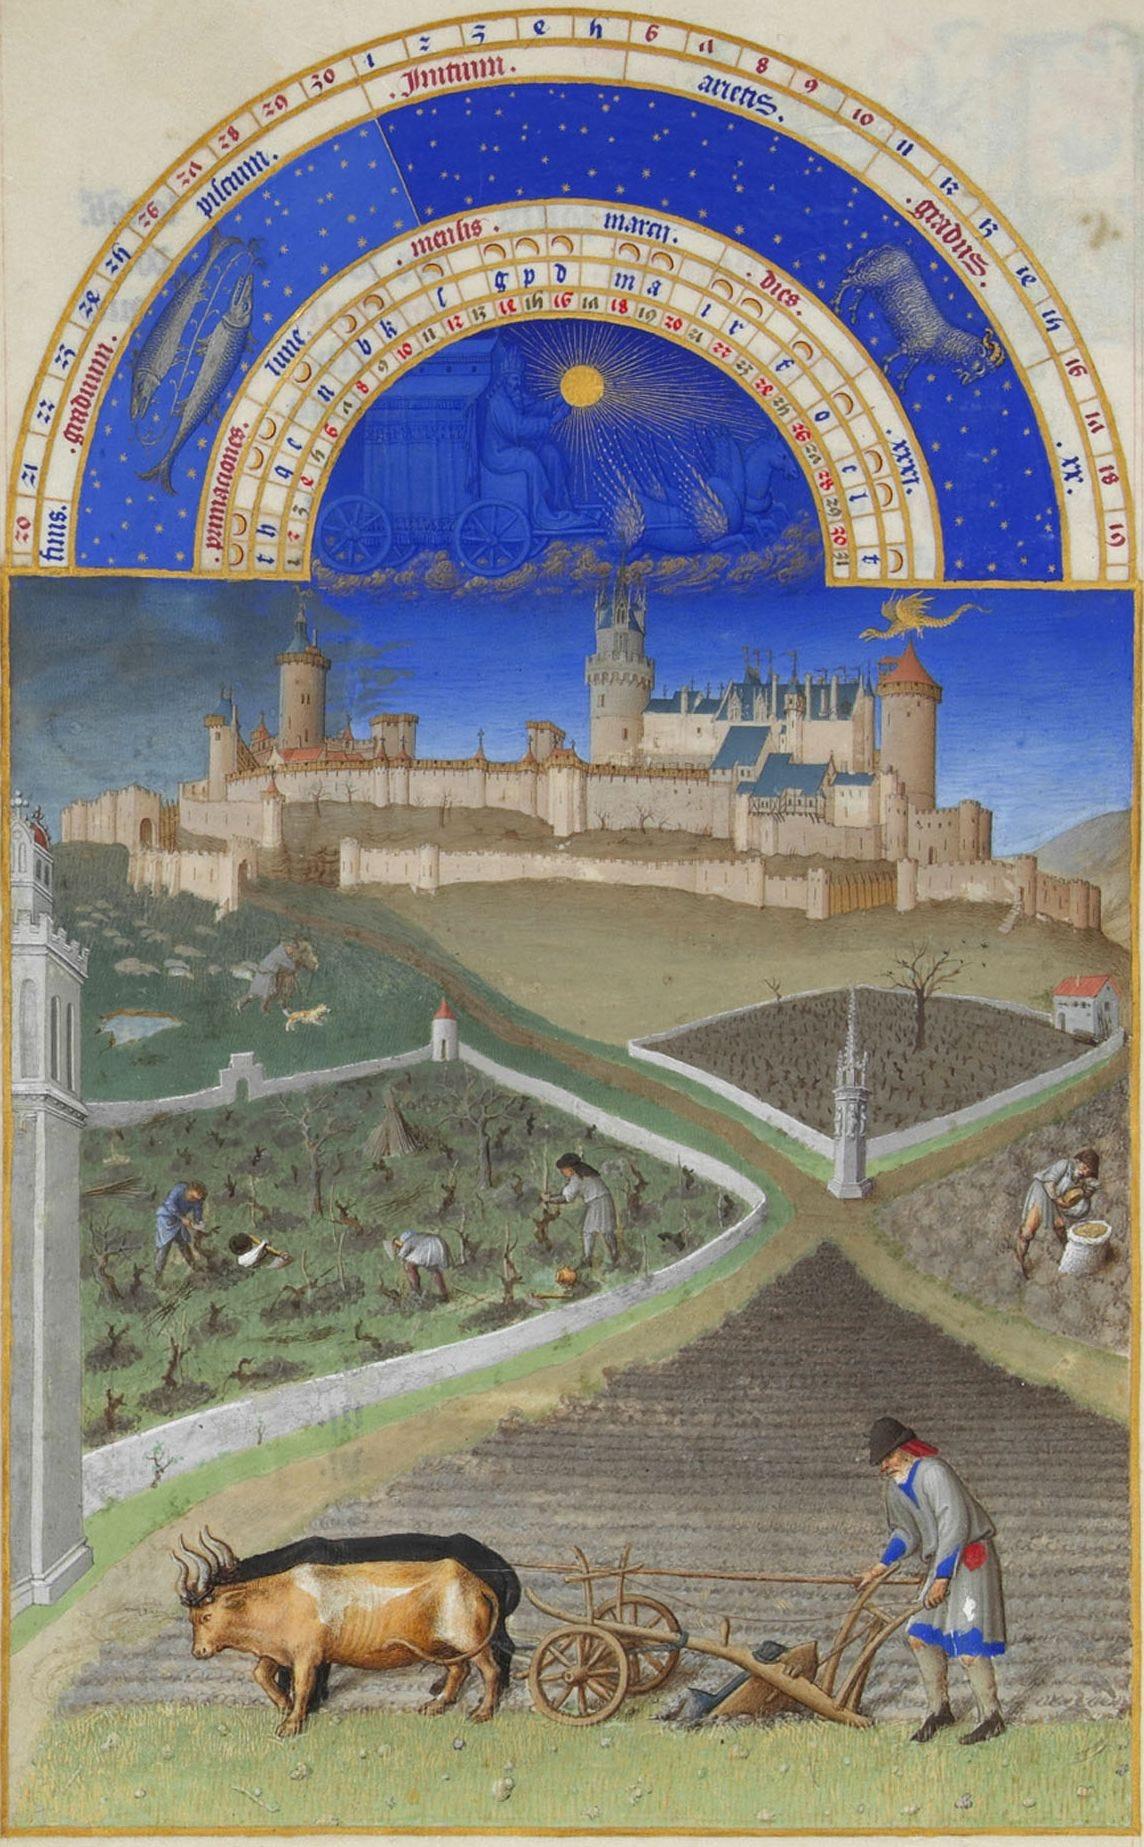 ベリー公ジャンの生涯と「ベリー公のいとも豪華なる時祷書」 | Call of History ー歴史の呼び声ー